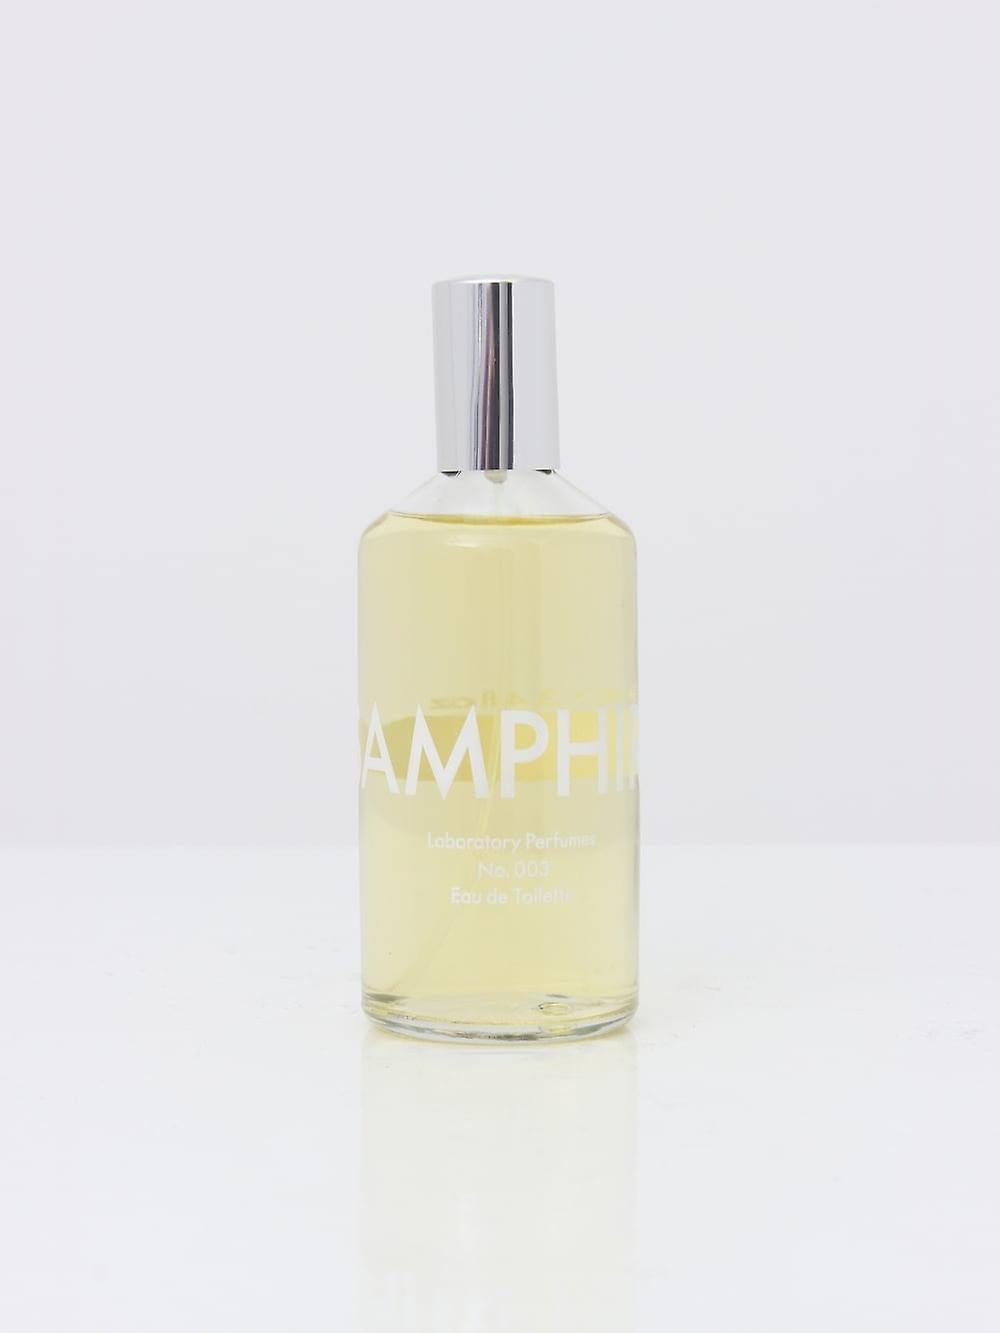 Laboratory Perfumes Samphire 100ML Eau De Toilette - Beige